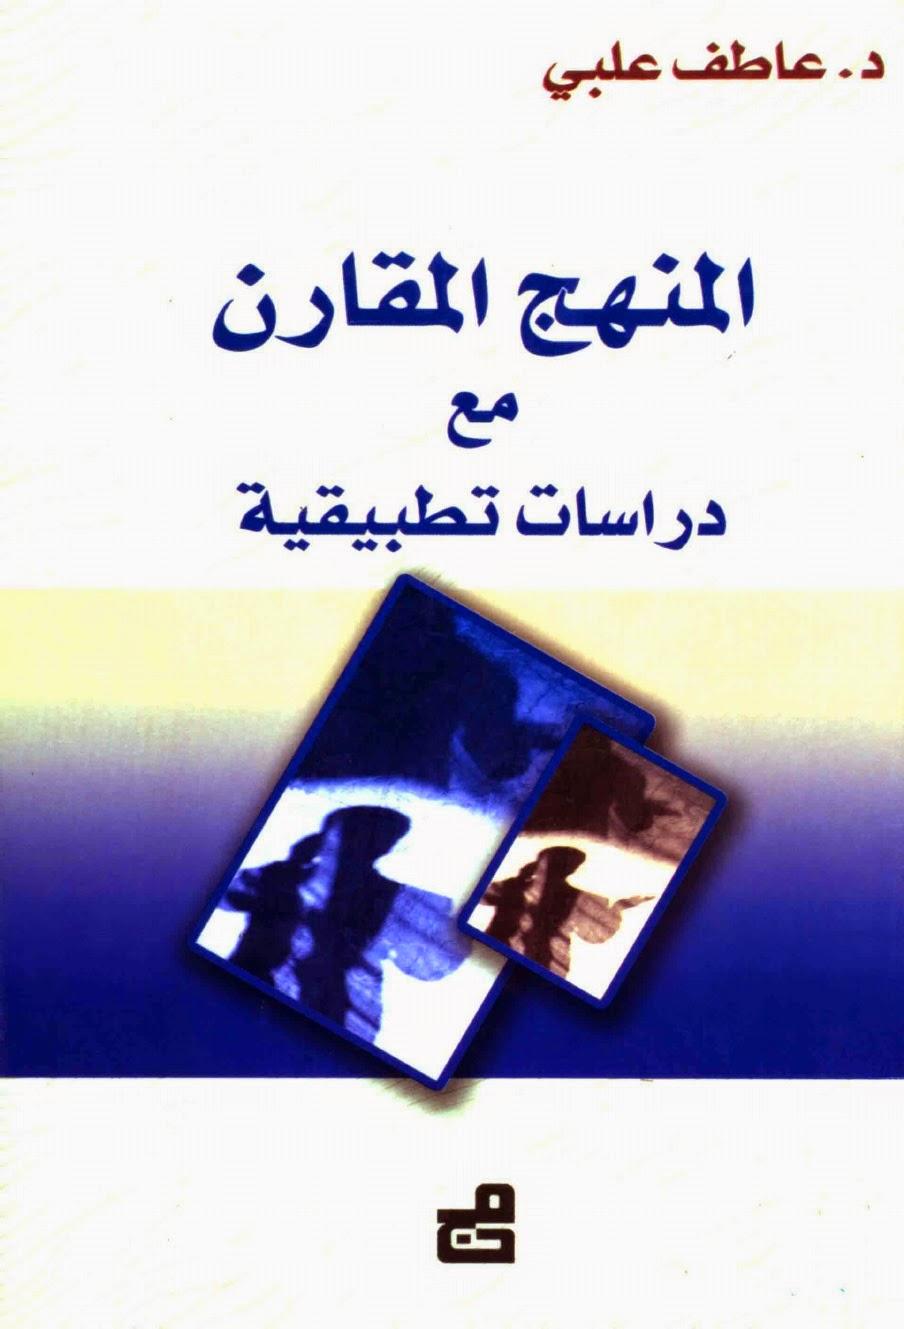 تحميل كتاب المنهج الوصفي pdf